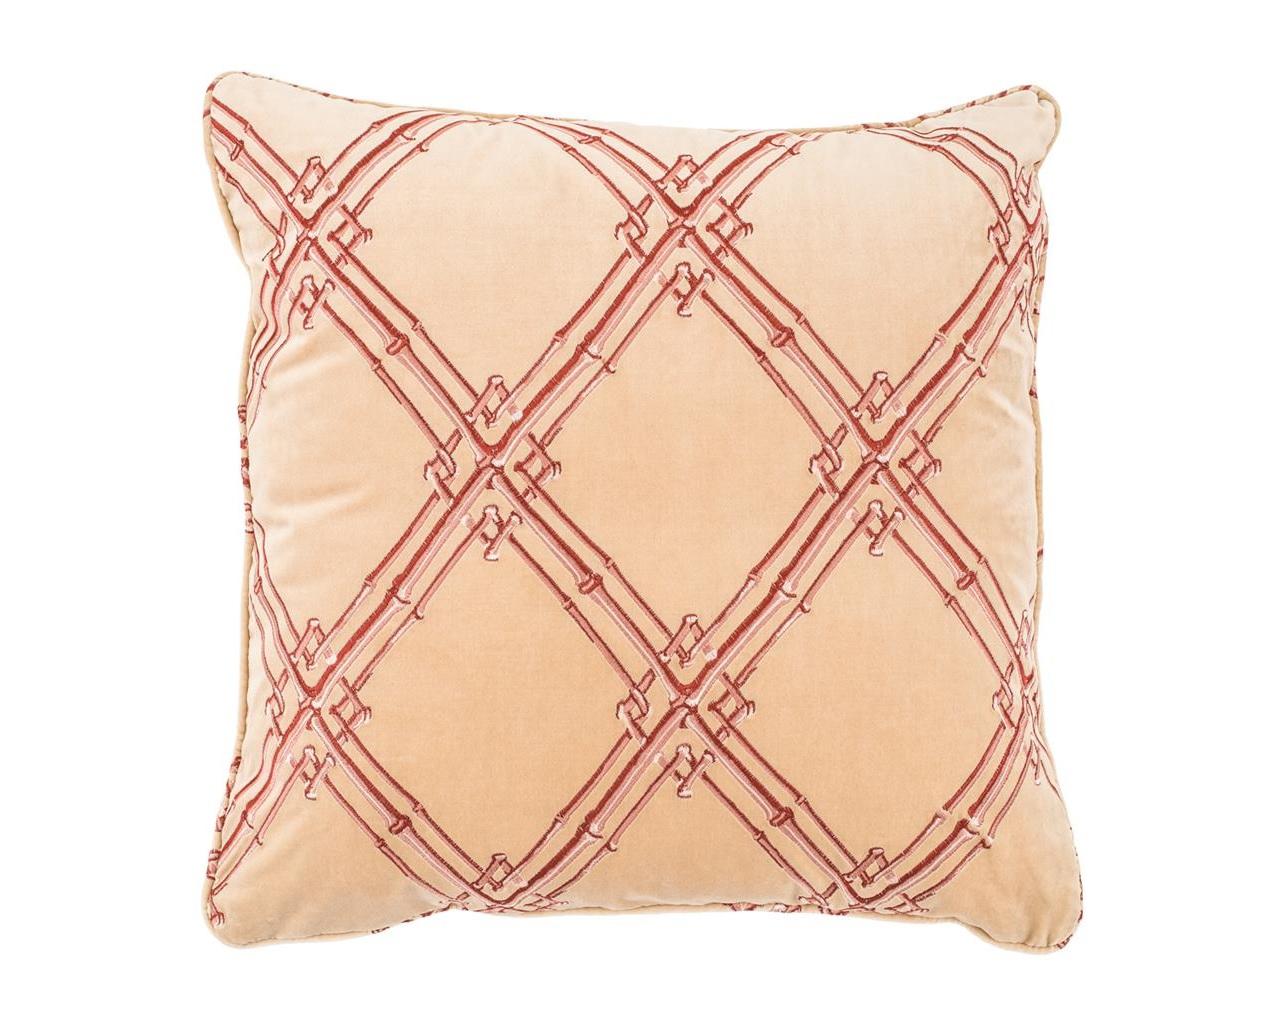 Подушка AustenКвадратные подушки и наволочки<br><br><br>Material: Текстиль<br>Ширина см: 60<br>Высота см: 60